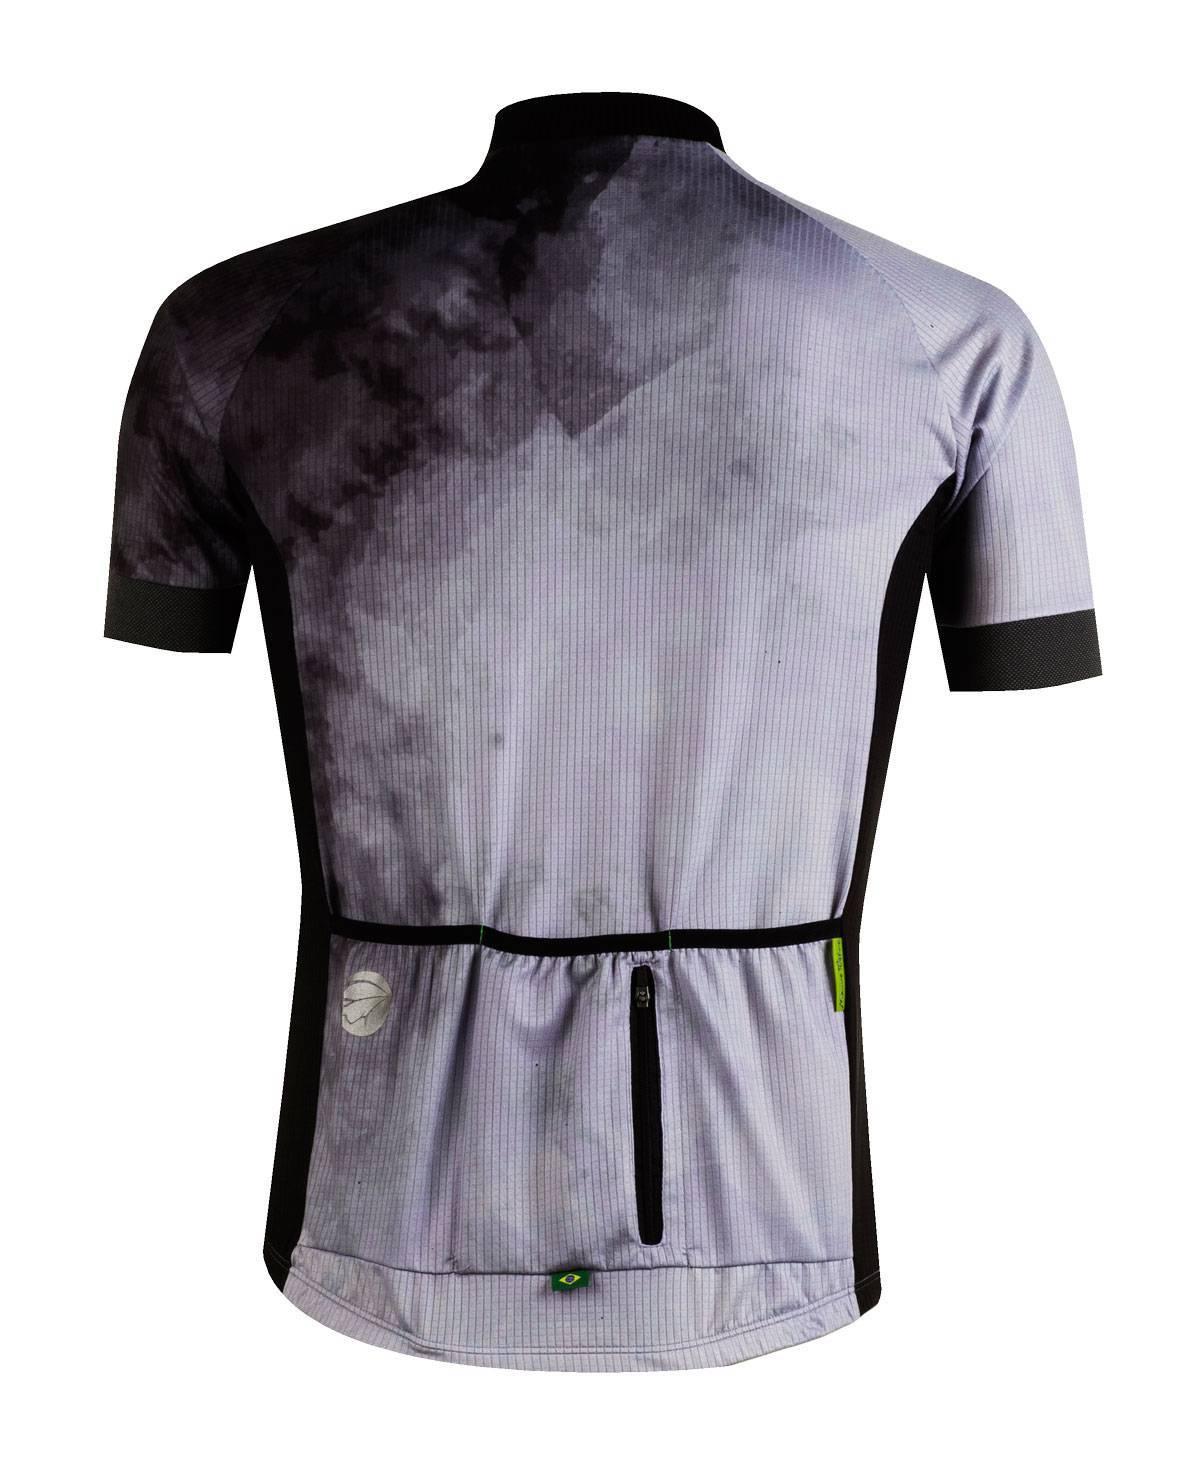 Camisa Mauro Ribeiro Blur 2019 - BIKE ALLA CARTE